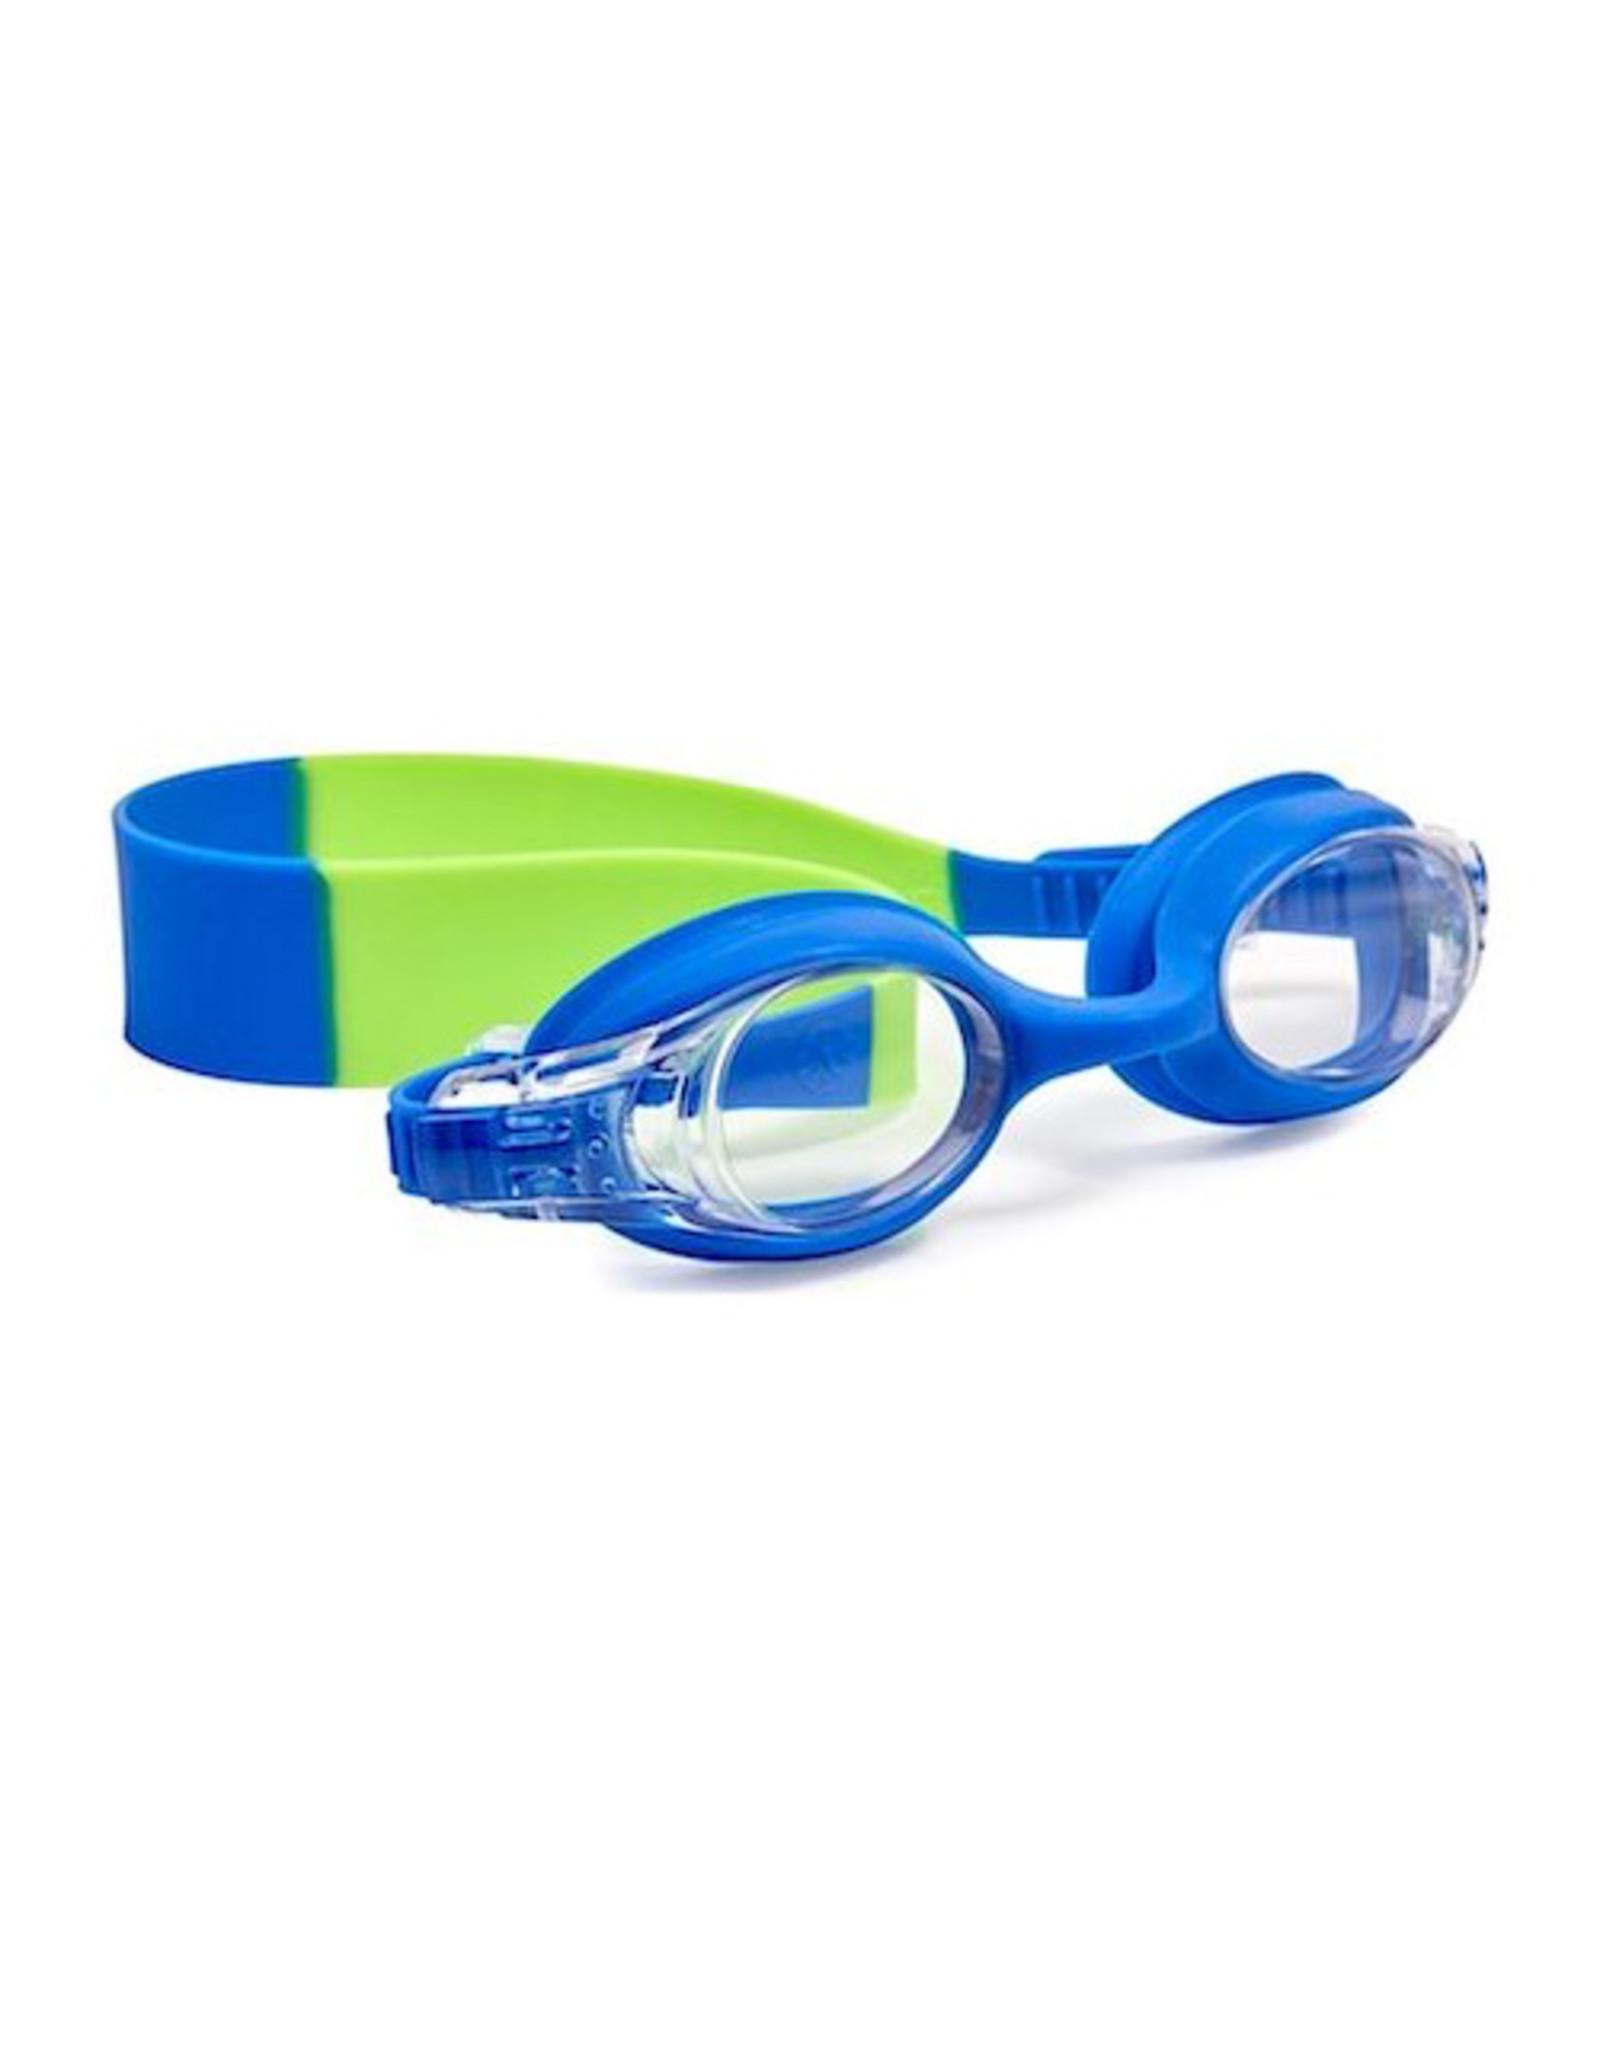 Bling20 Goggles Boyitzy 18mths+